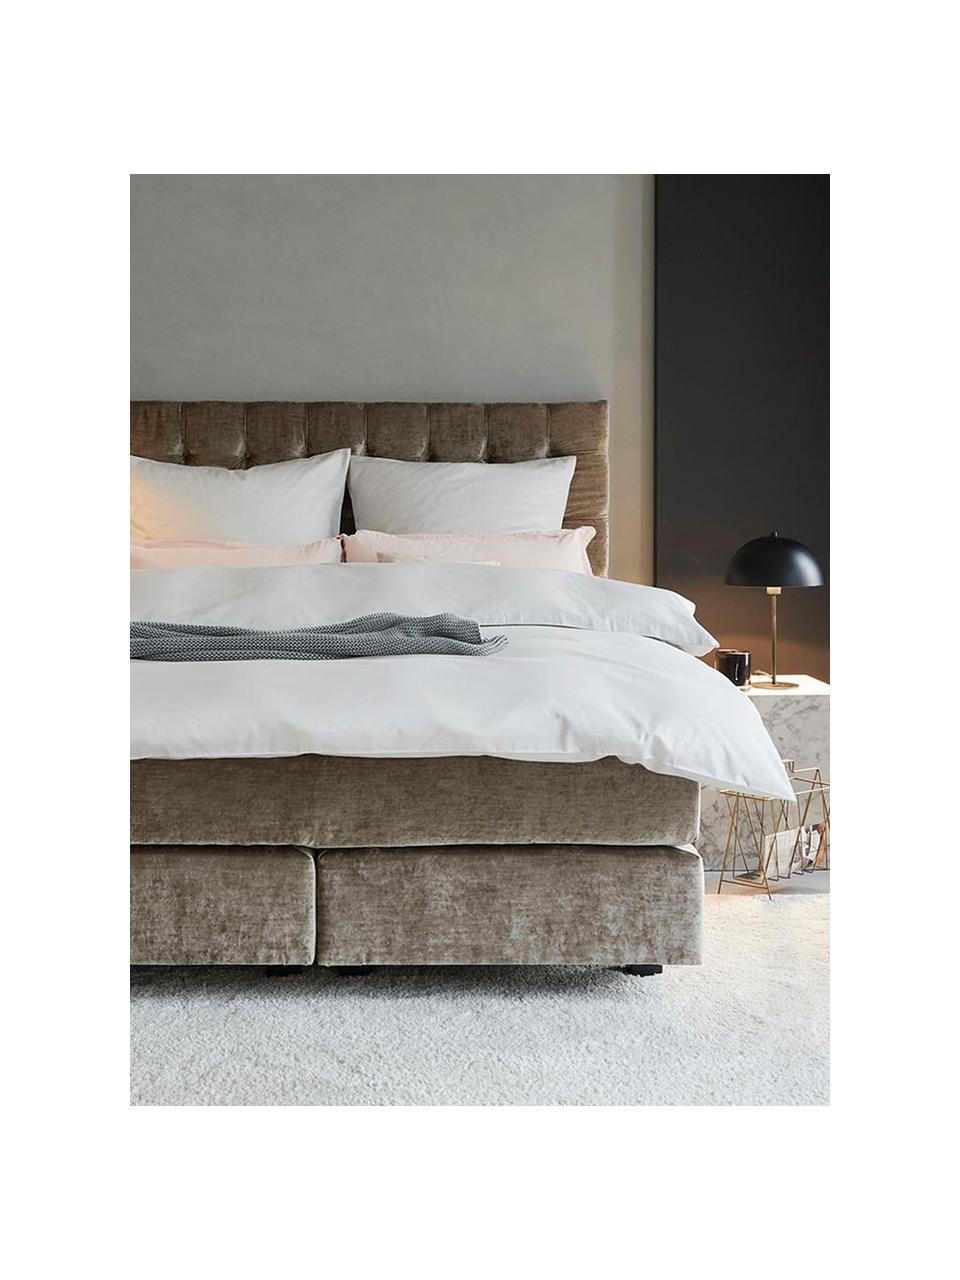 Katoensatijnen dekbedovertrek Comfort, Weeftechniek: satijn, licht glanzend, Wit, 240 x 220 cm